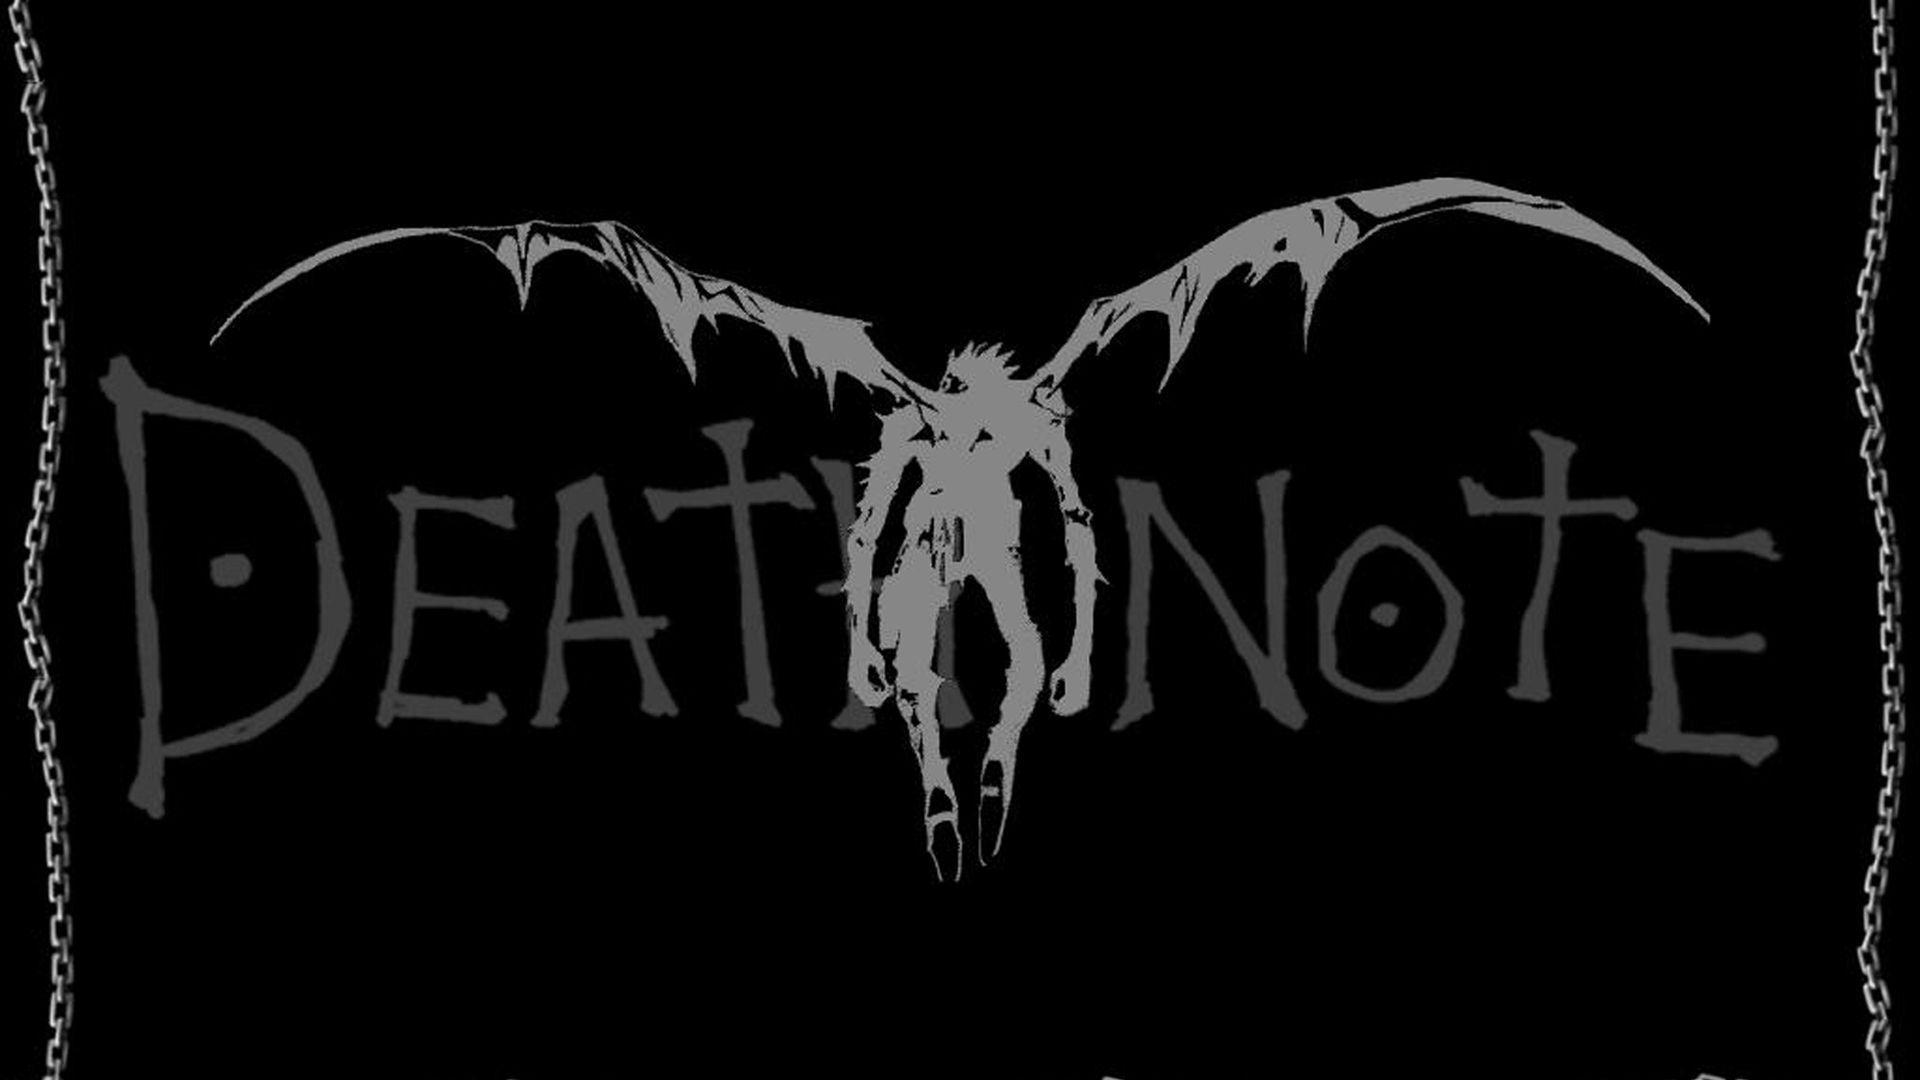 1920x1080 Death Note Devil Anime Wallpaper Hình nền máy tính.  Cao